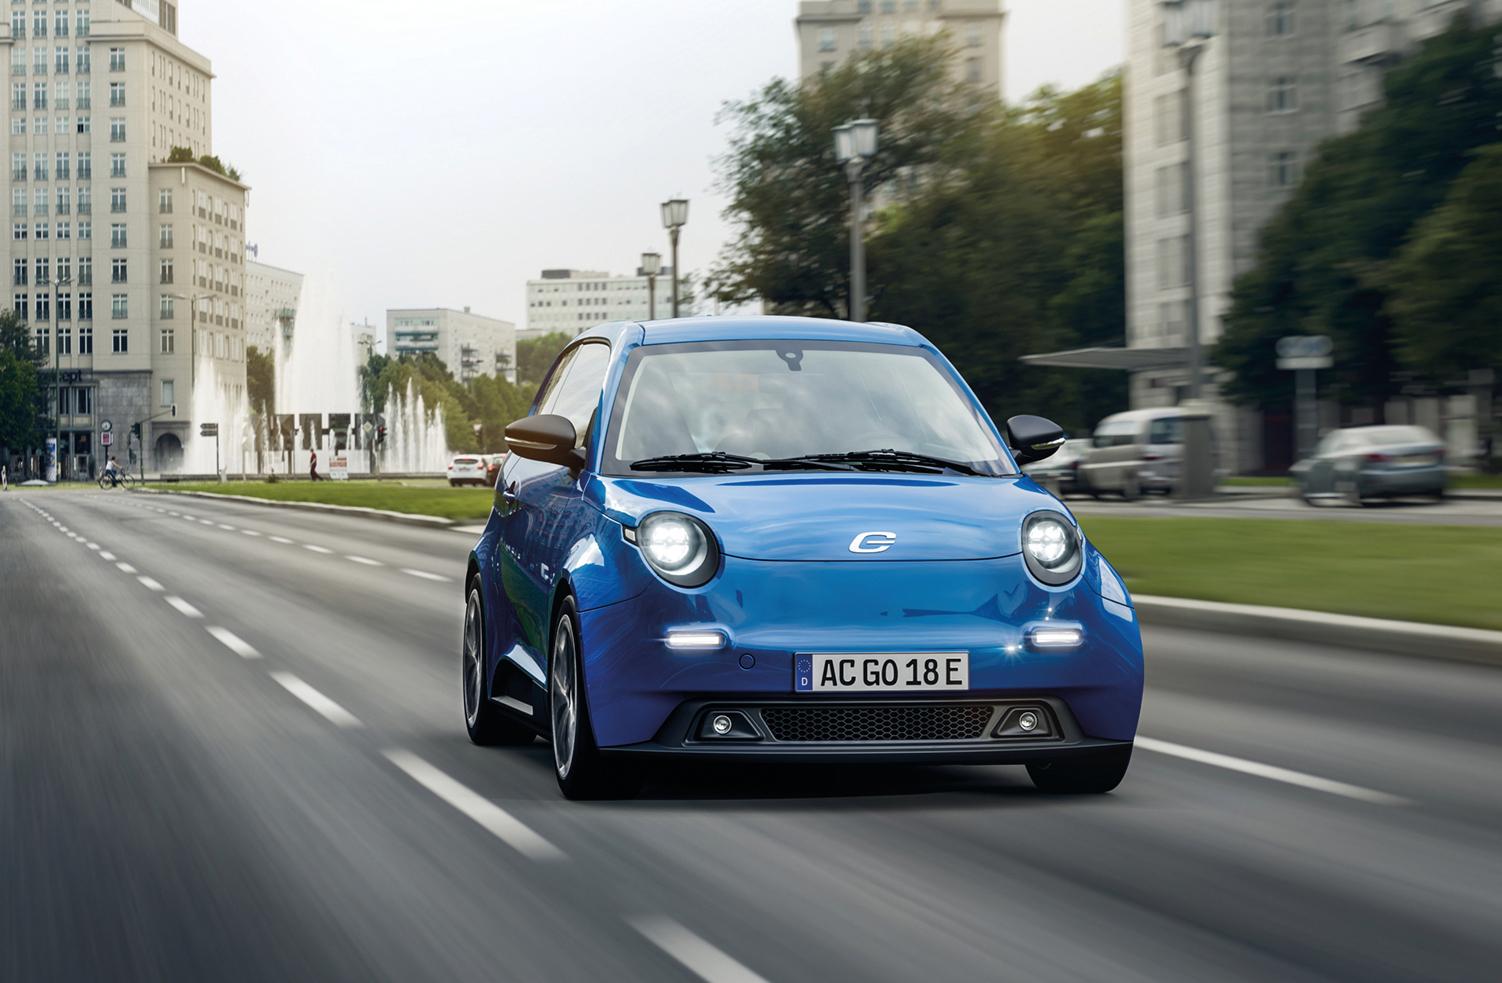 Elektromobilität: die e.GO AG macht es sich zur Aufgabe, den Trend für jedermann möglich zu machen. Foto: e.GO Mobile AG.